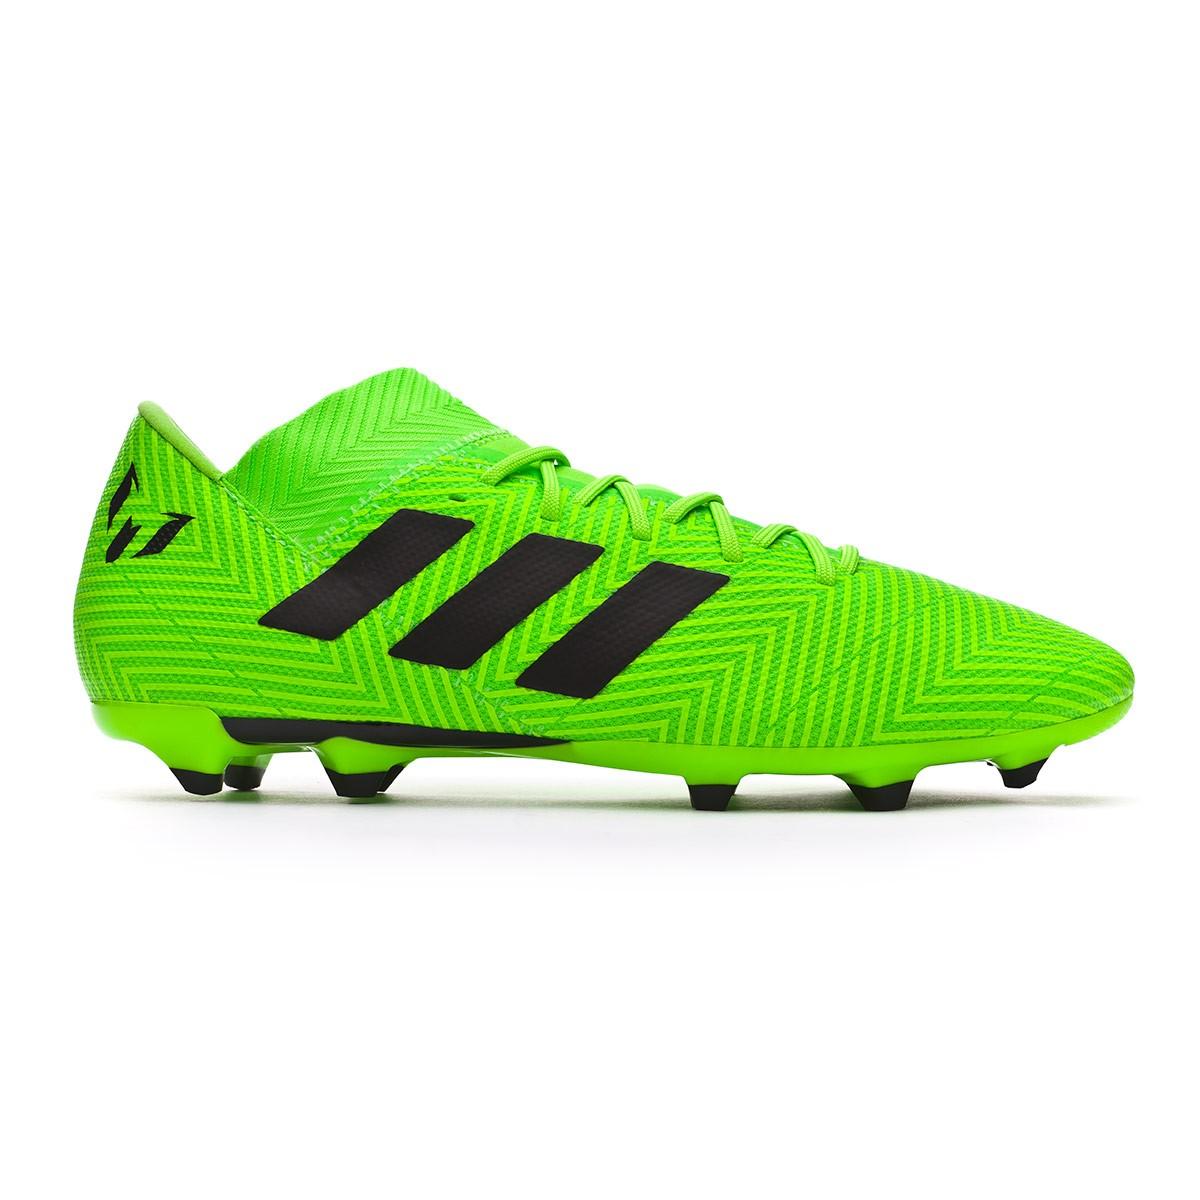 d5bf870dc59b7 Chuteira adidas Nemeziz Messi 18.3 FG Solar green-Black - Loja de futebol  Fútbol Emotion